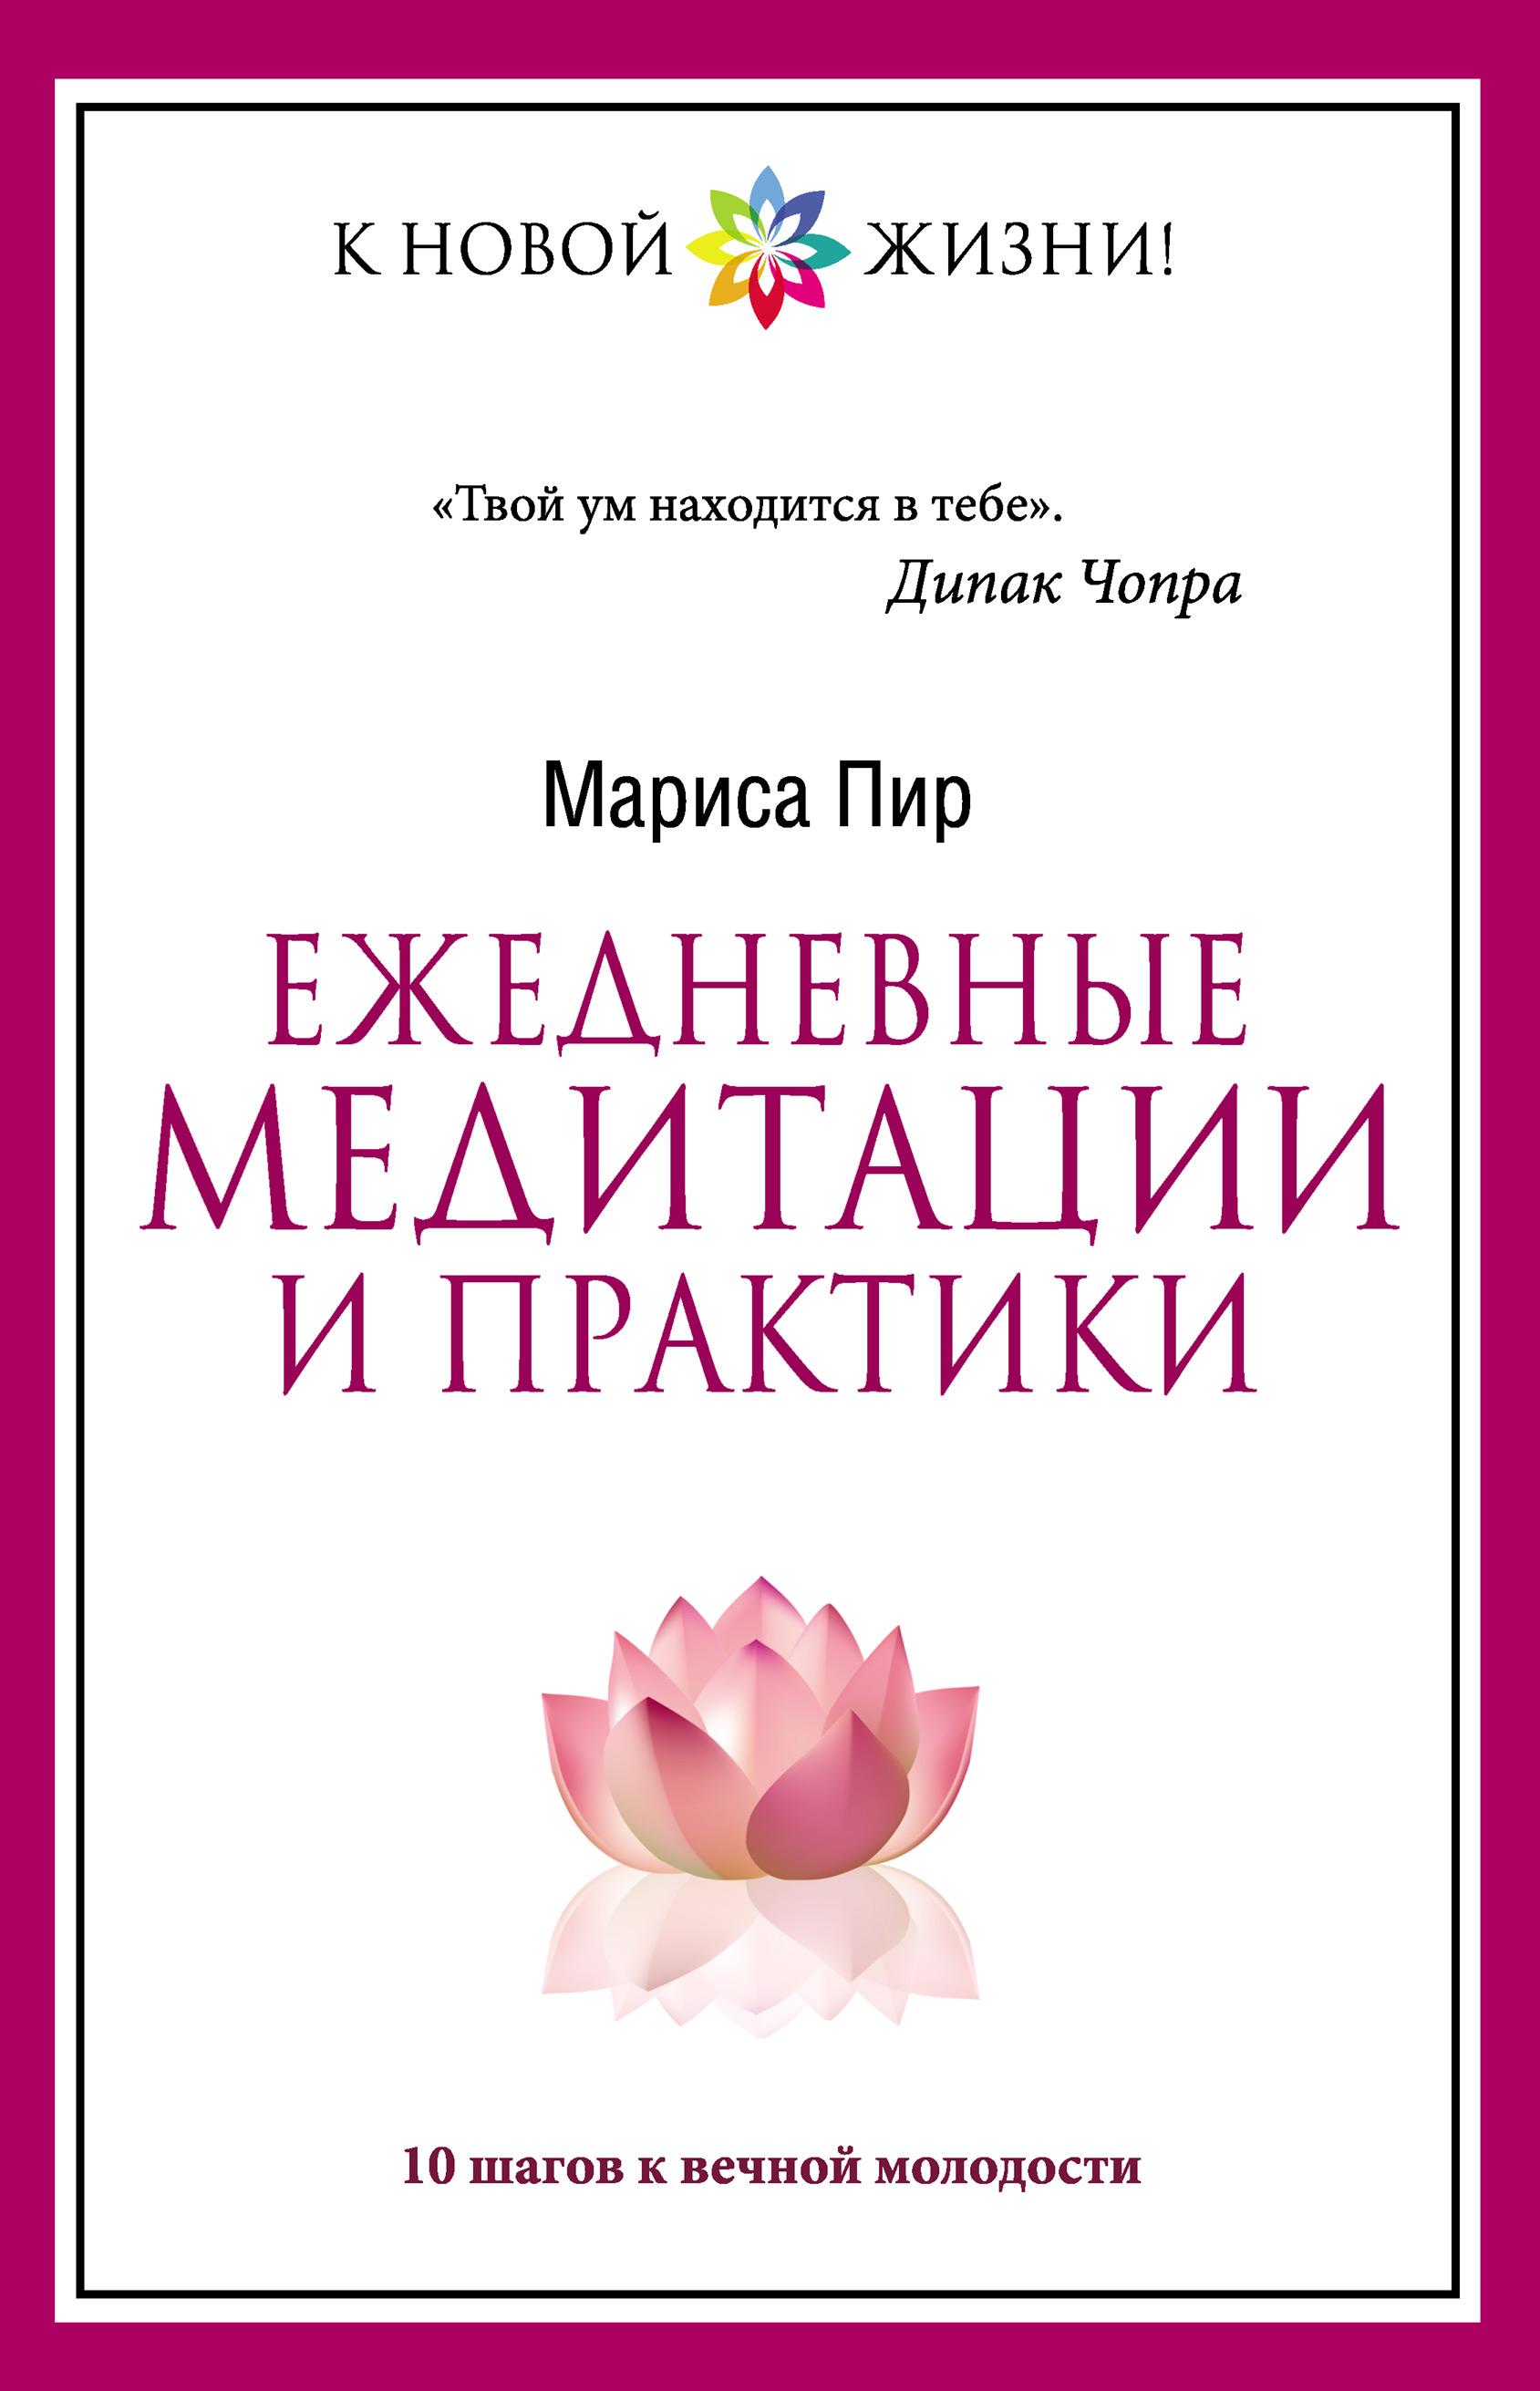 Мариса Пир Ежедневные медитации и практики. 10 шагов к вечной молодости мариса пир ежедневные медитации и практики 10 шагов к вечной молодости